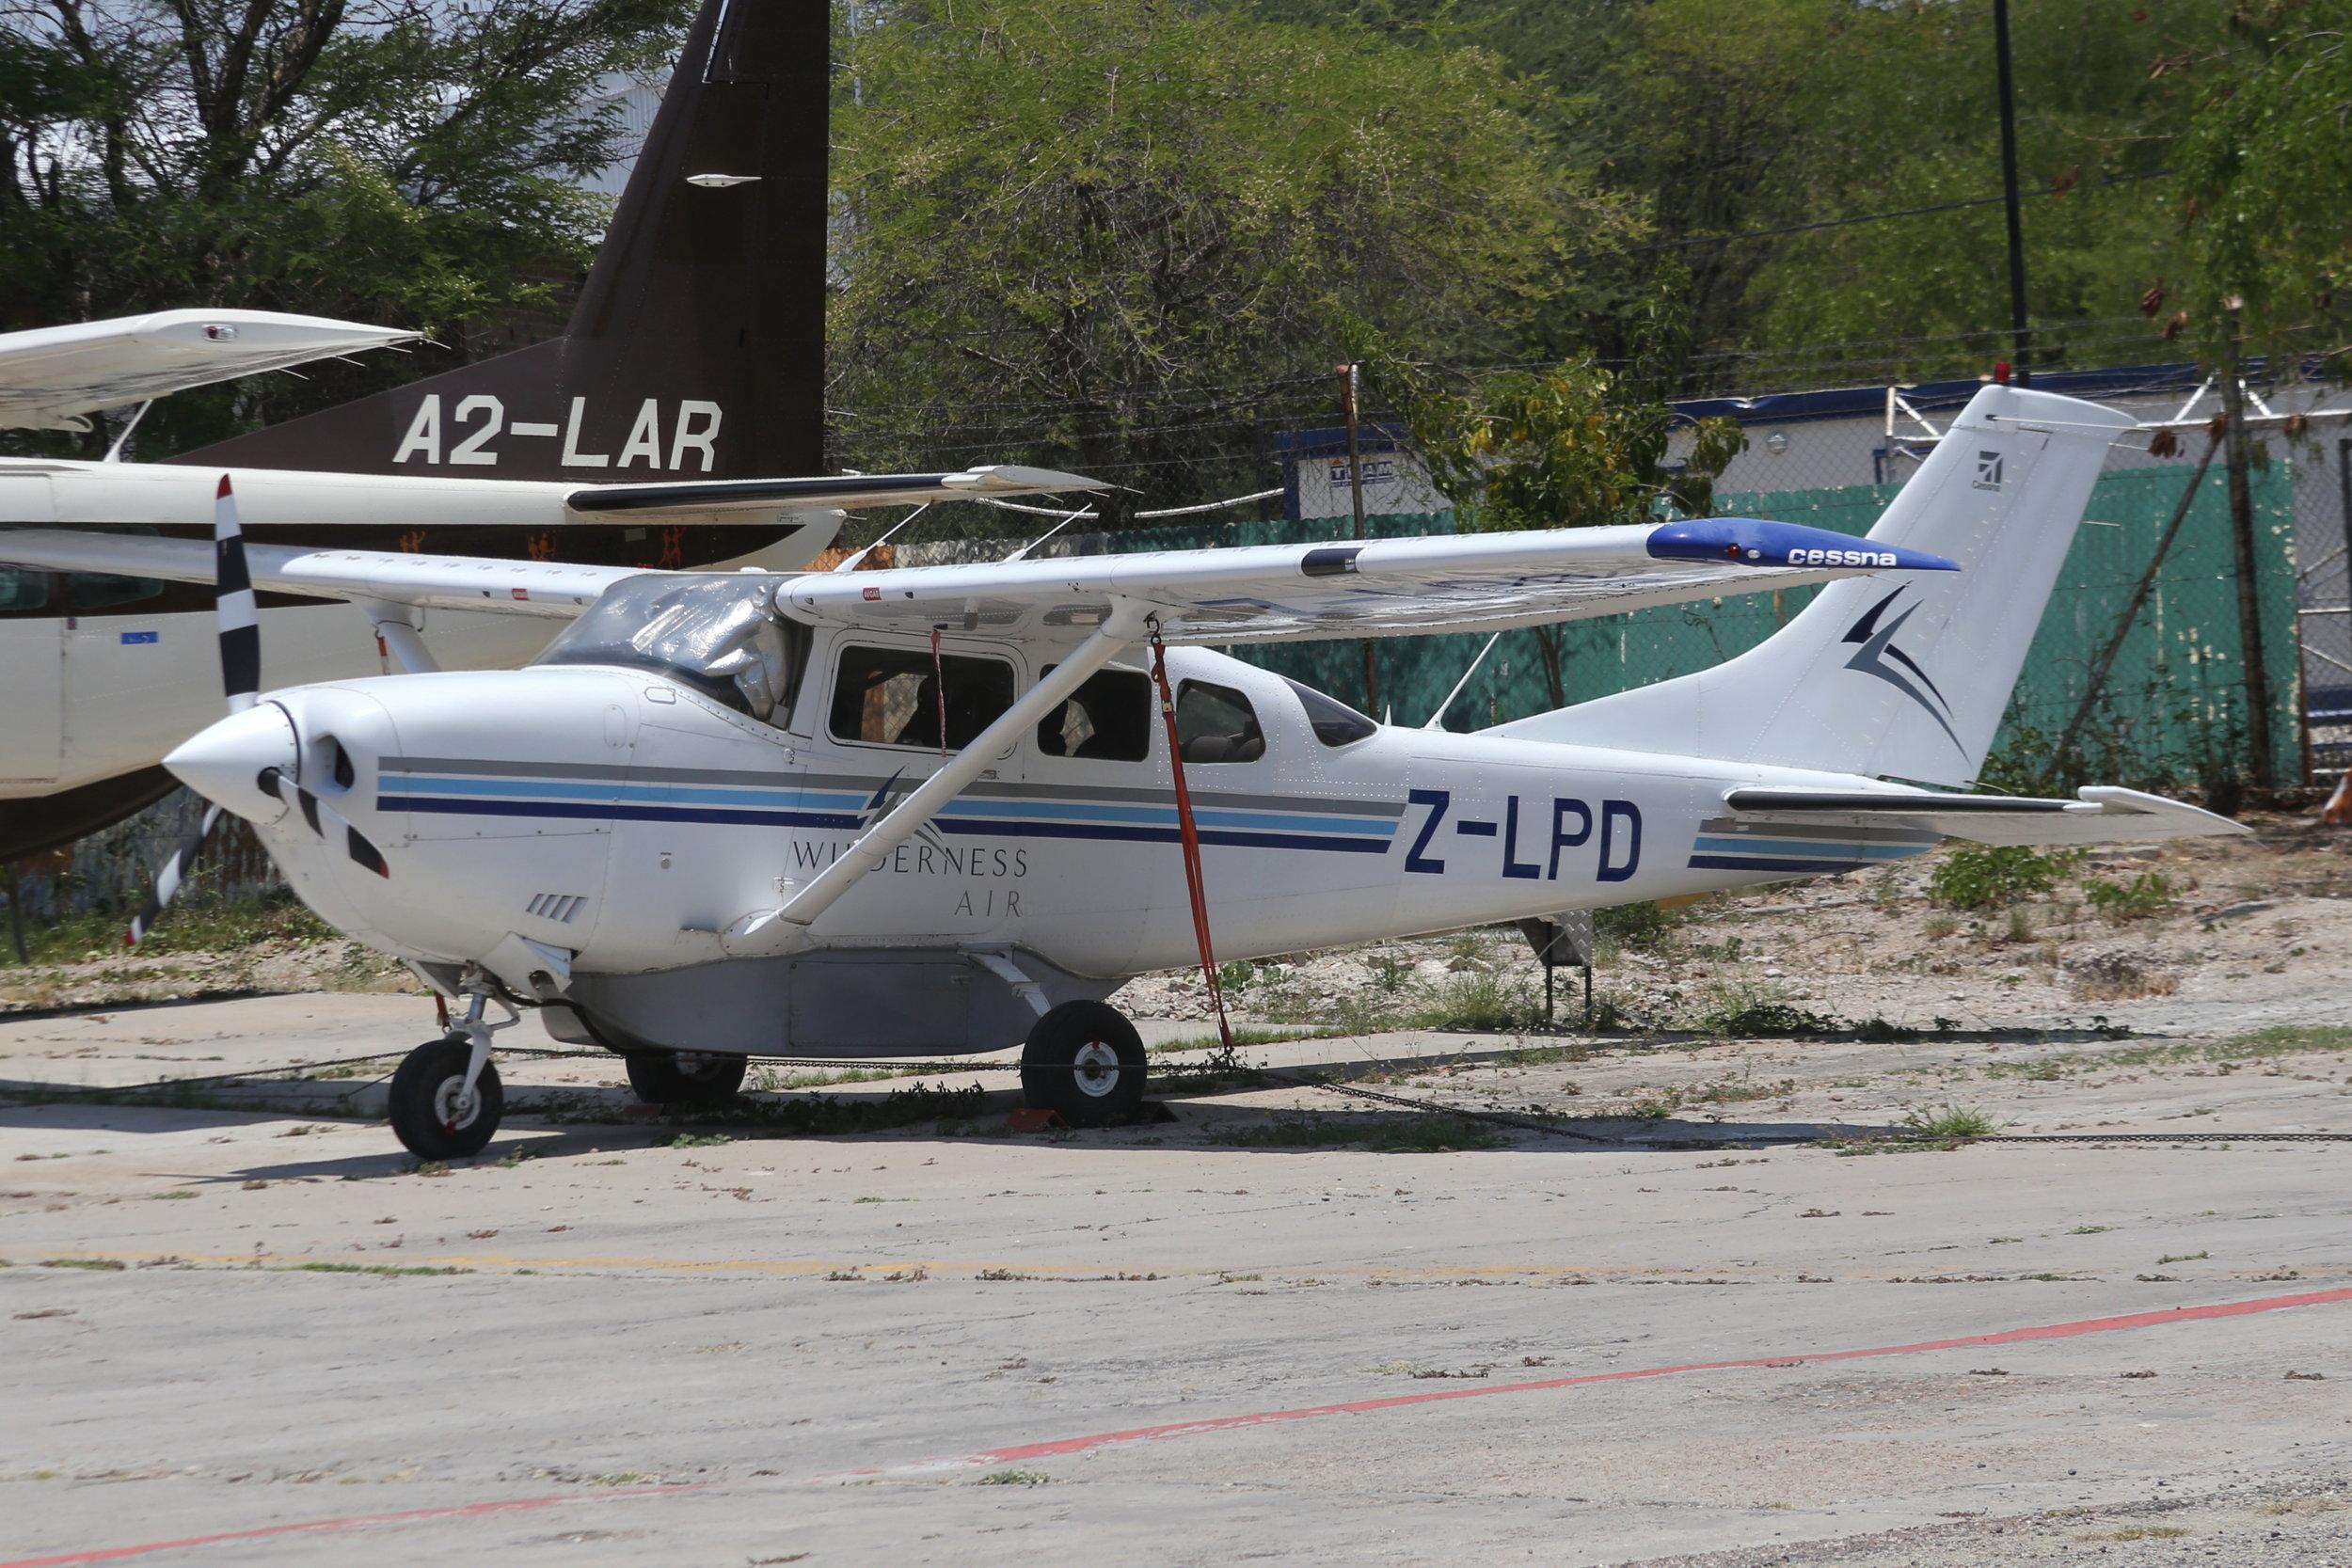 Z-LPD Wilderness Air C206 taken at Maun, Botswana 15th November 2018 by John Wood